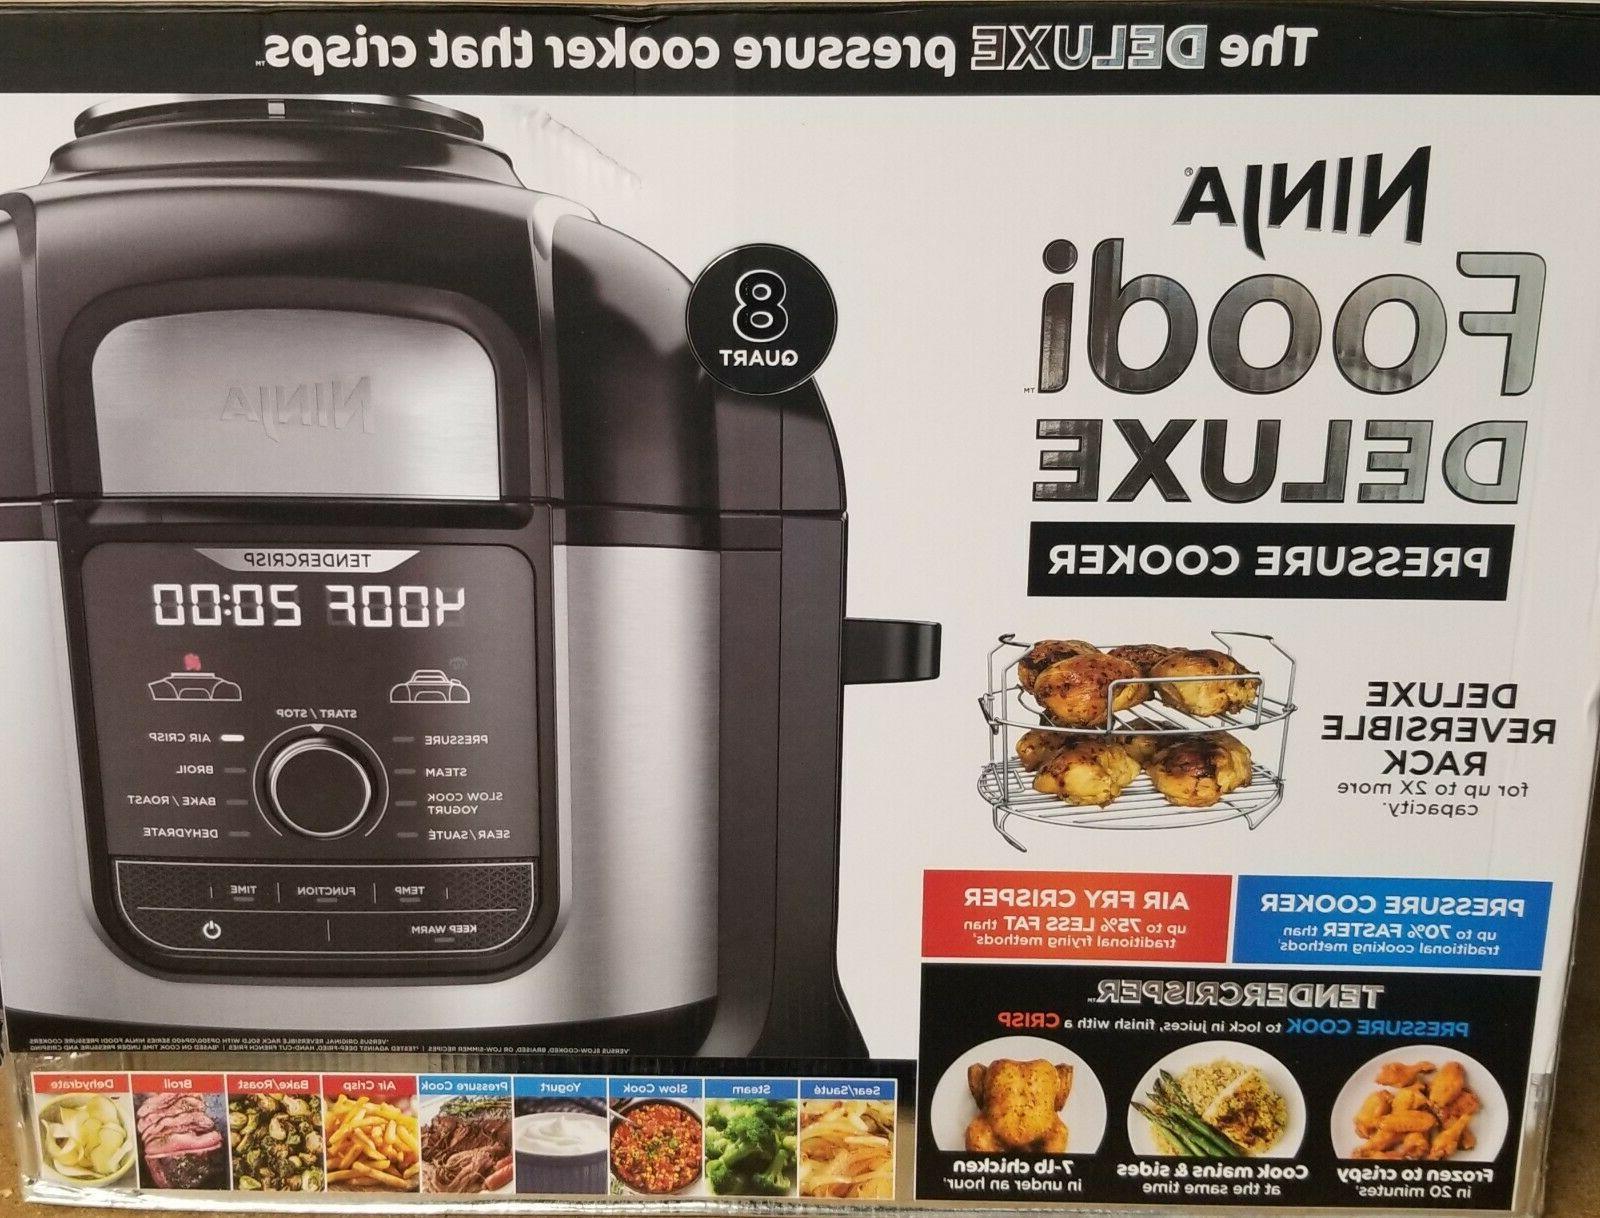 NEW Ninja 9-in-1 Deluxe XL Cooker Air